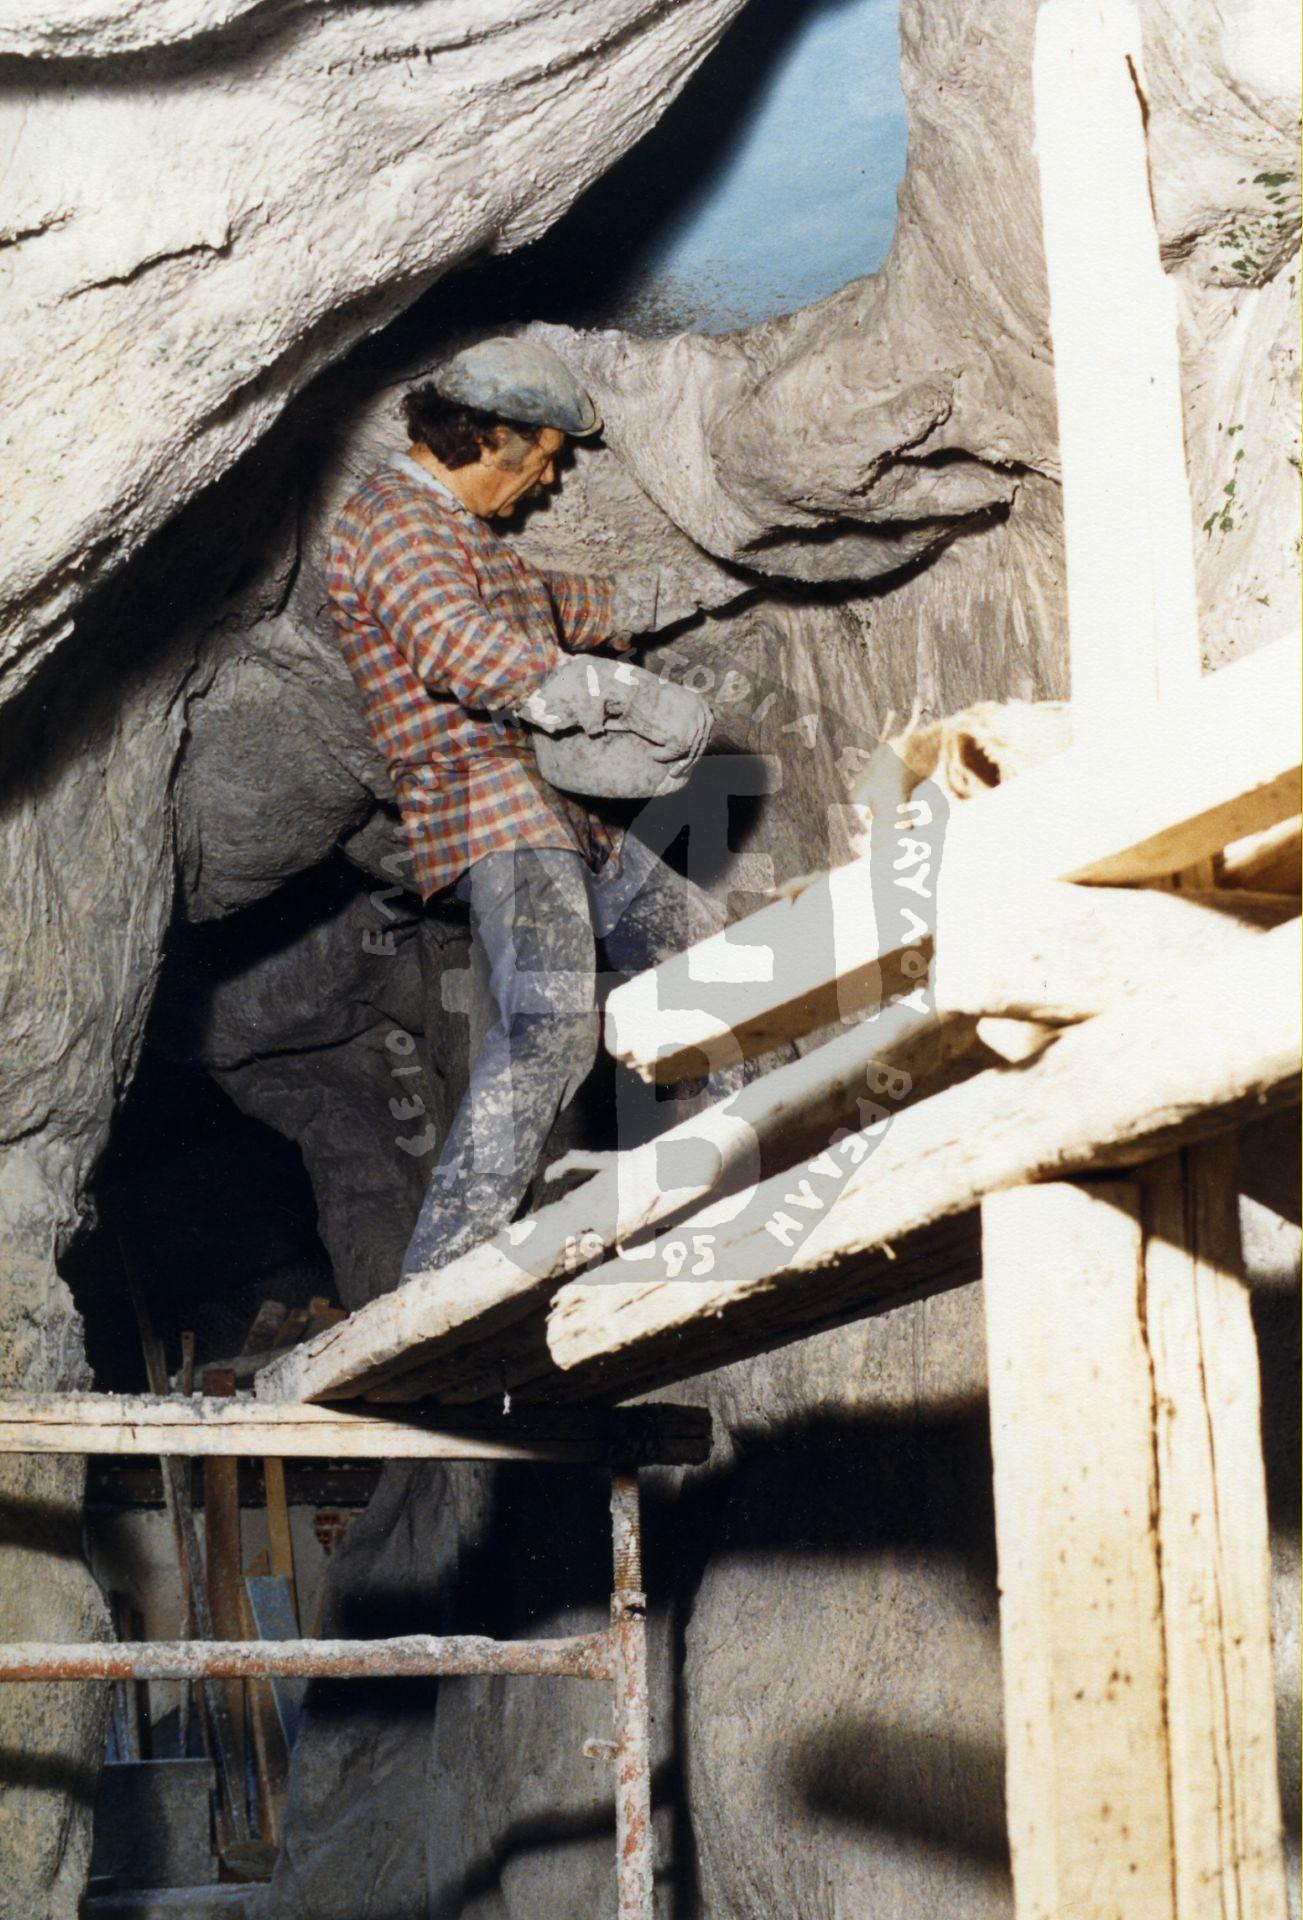 Δουλεύοντας τα βράχια των οροφών – πρώτο στάδιο